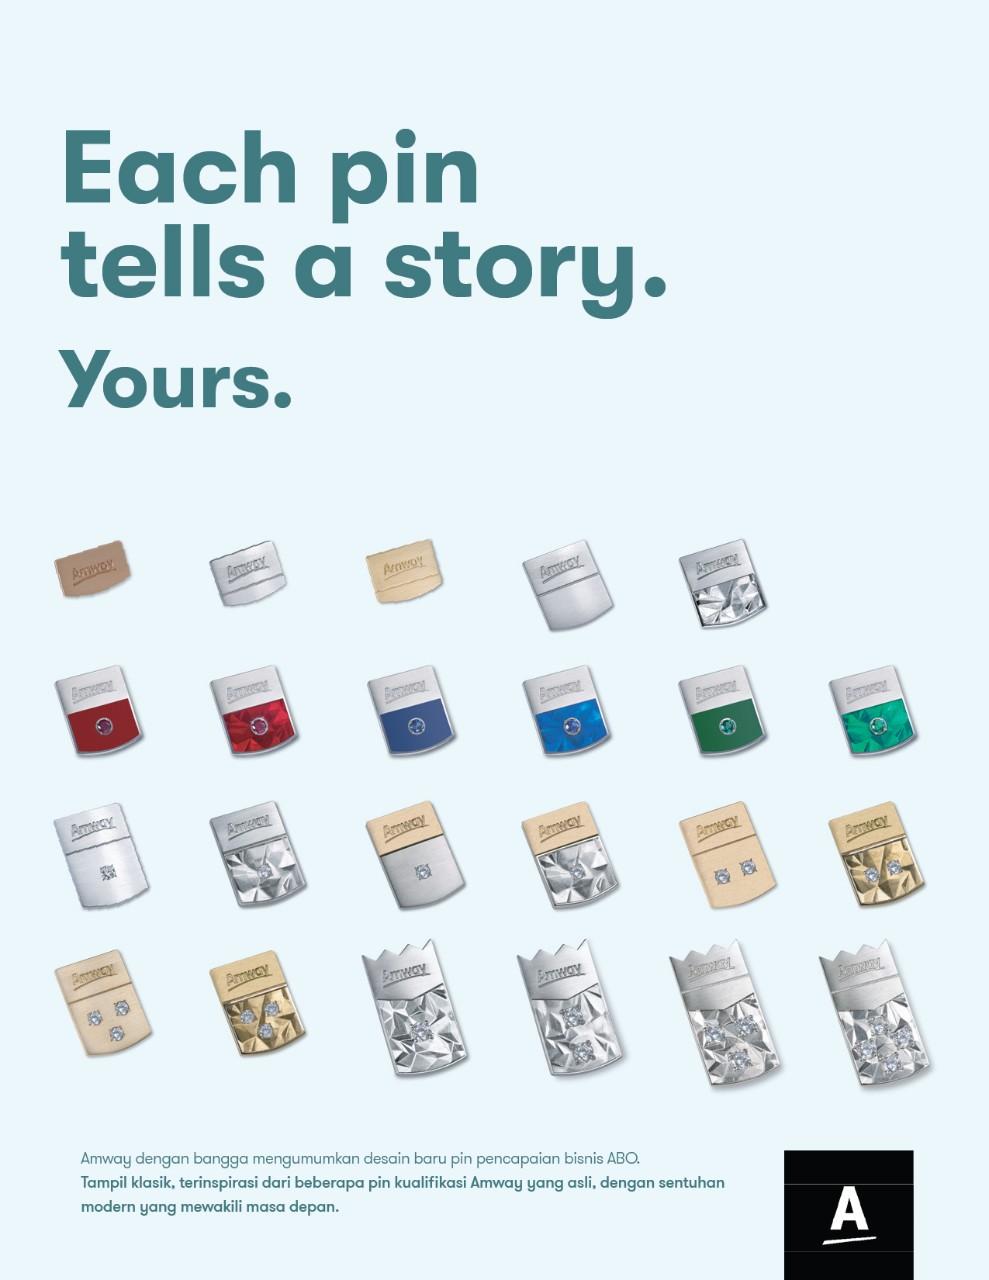 desain_pin_baru.jpg